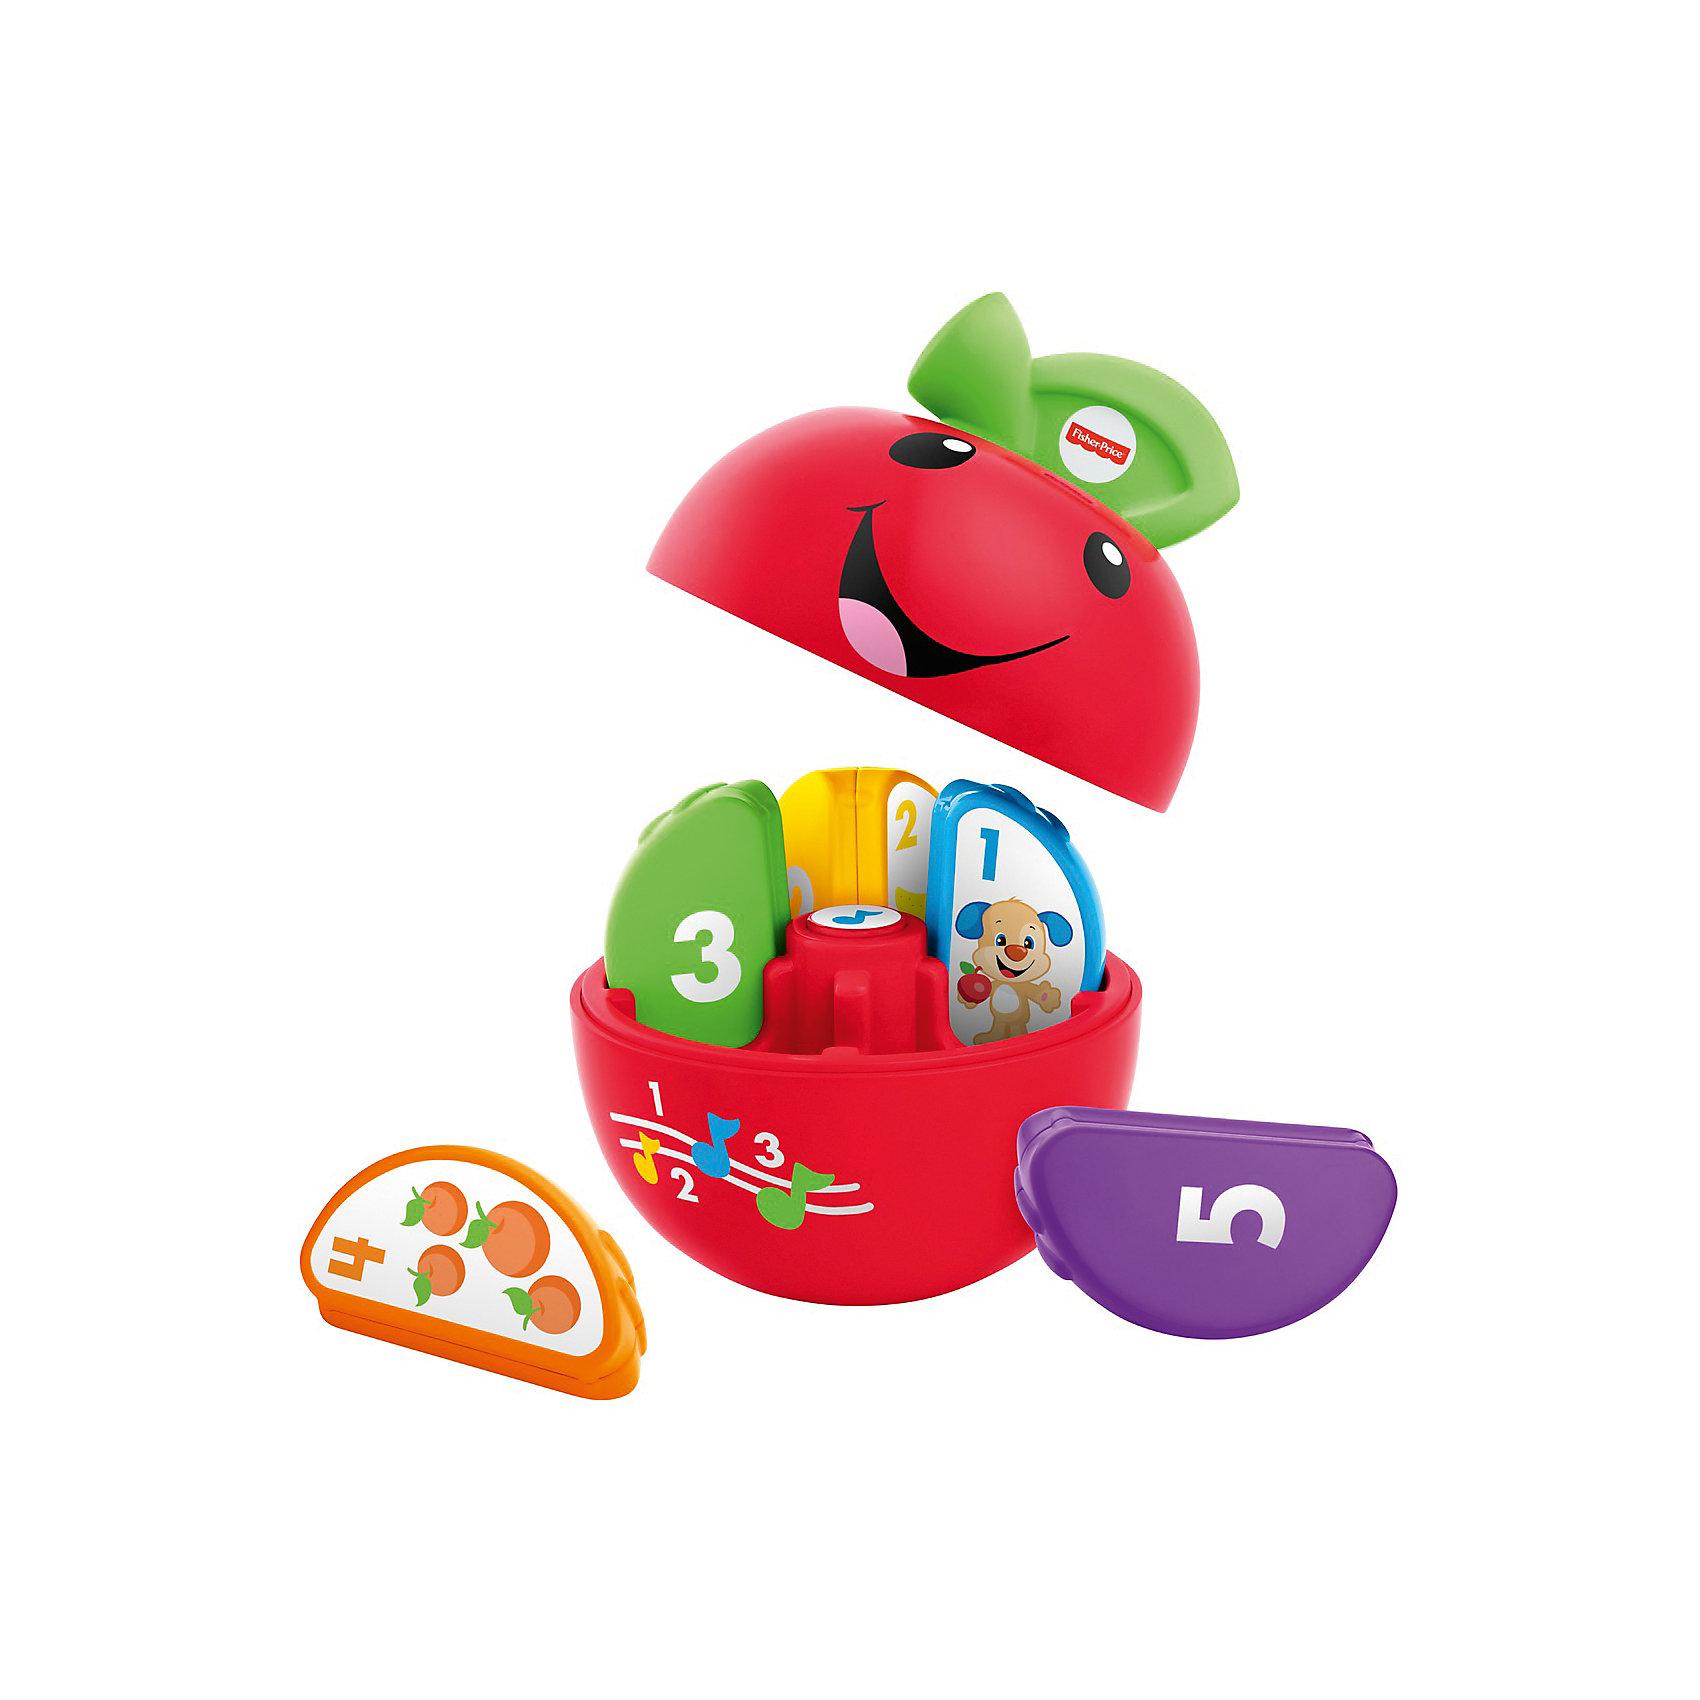 Сортер Смейся и учись - Умное яблочко (звук)Сортеры<br>Характеристики товара:<br><br>• комплектация: игрушка, упаковка <br>• материал: пластик<br>• серия: Смейся и учись<br>• тип батареек: 1 x AA / LR6 1.5V (пальчиковые)<br>• наличие батареек: входят в комплект<br>• возраст: от 6 месяцев<br>• для мальчиков и девочек<br>• габариты упаковки: 21x21х13 см<br>• вес: 0.625 кг.<br>• страна бренда: США<br><br>Яблочко – уникальная игрушка, помогающая молодым родителям с ранним развитием малыша. У яблочка 5 долек, на каждой из которых есть цифры и рисунки. Игрушка обладает звуковыми эффектами. Стоит отметить, что все товары, выпускаемые компанией Mattel, полностью безопасны для ребенка и соответствуют международным  требованиям по качеству материалов. <br><br>Игрушку Обучающая игрушка Яблочко из серии Смейся и учись, Fisher Price можно приобрести в нашем интернет-магазине.<br><br>Ширина мм: 205<br>Глубина мм: 125<br>Высота мм: 205<br>Вес г: 625<br>Возраст от месяцев: 6<br>Возраст до месяцев: 36<br>Пол: Унисекс<br>Возраст: Детский<br>SKU: 5378267